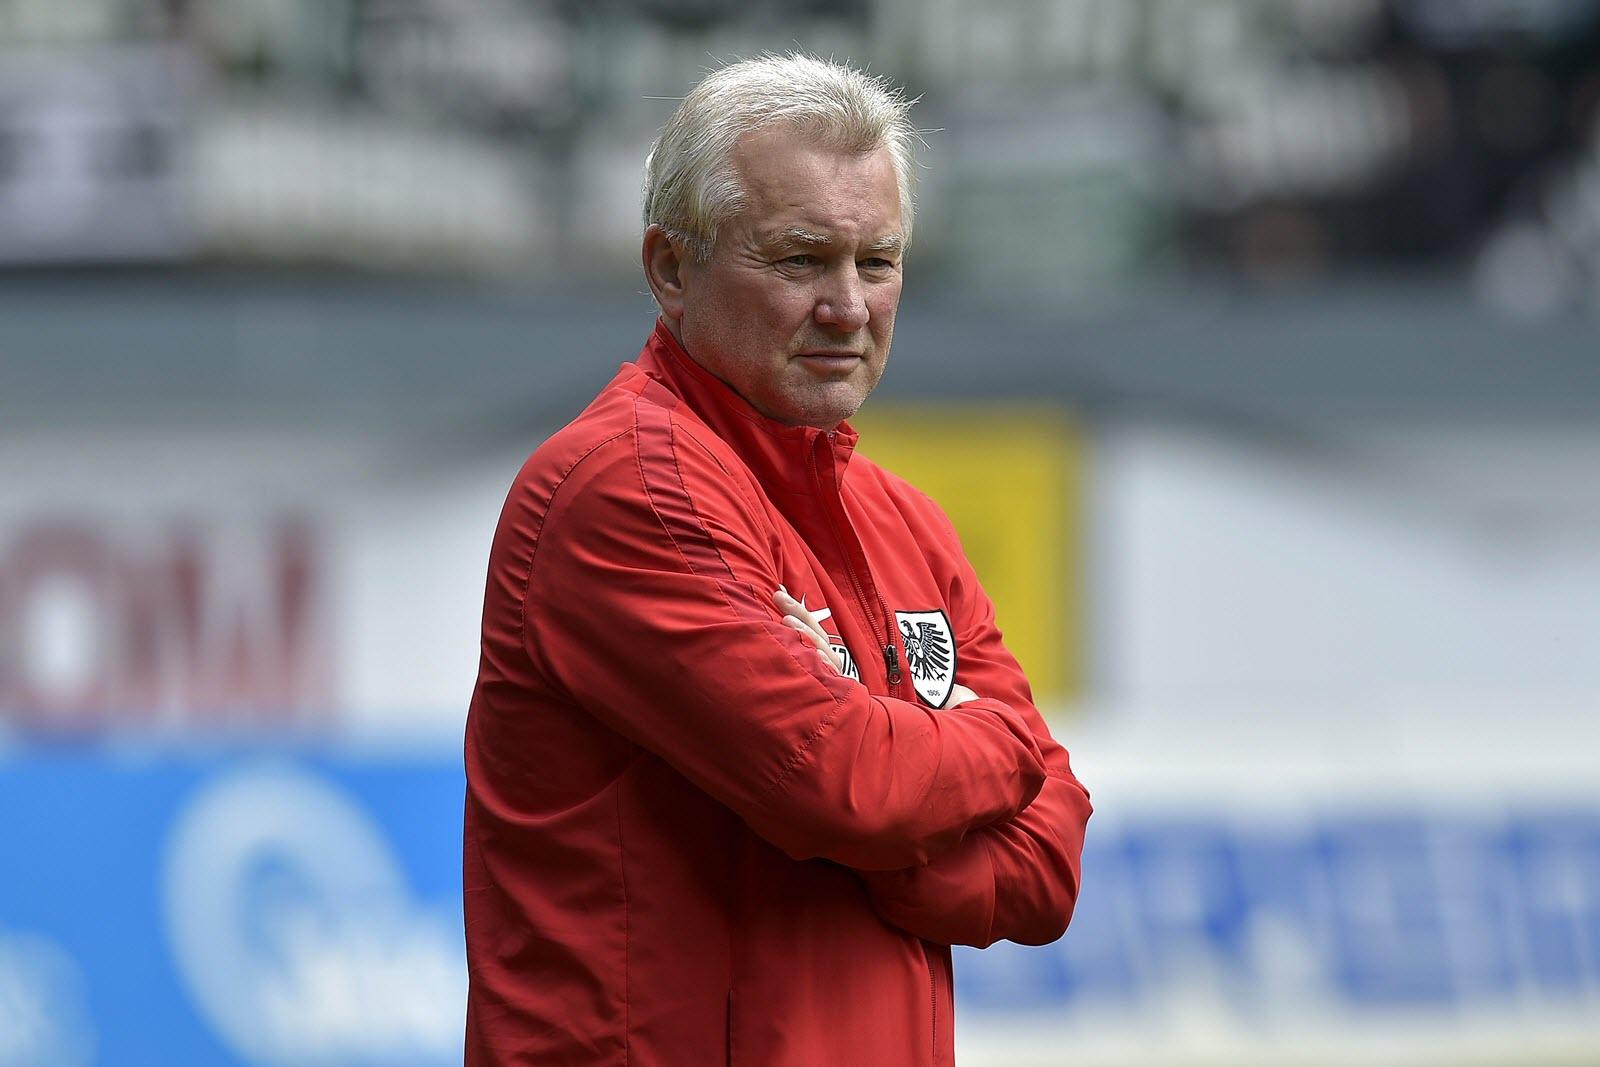 Unsicherer Blick in die Zukunft: Münsters Trainer Benno Möhlmann